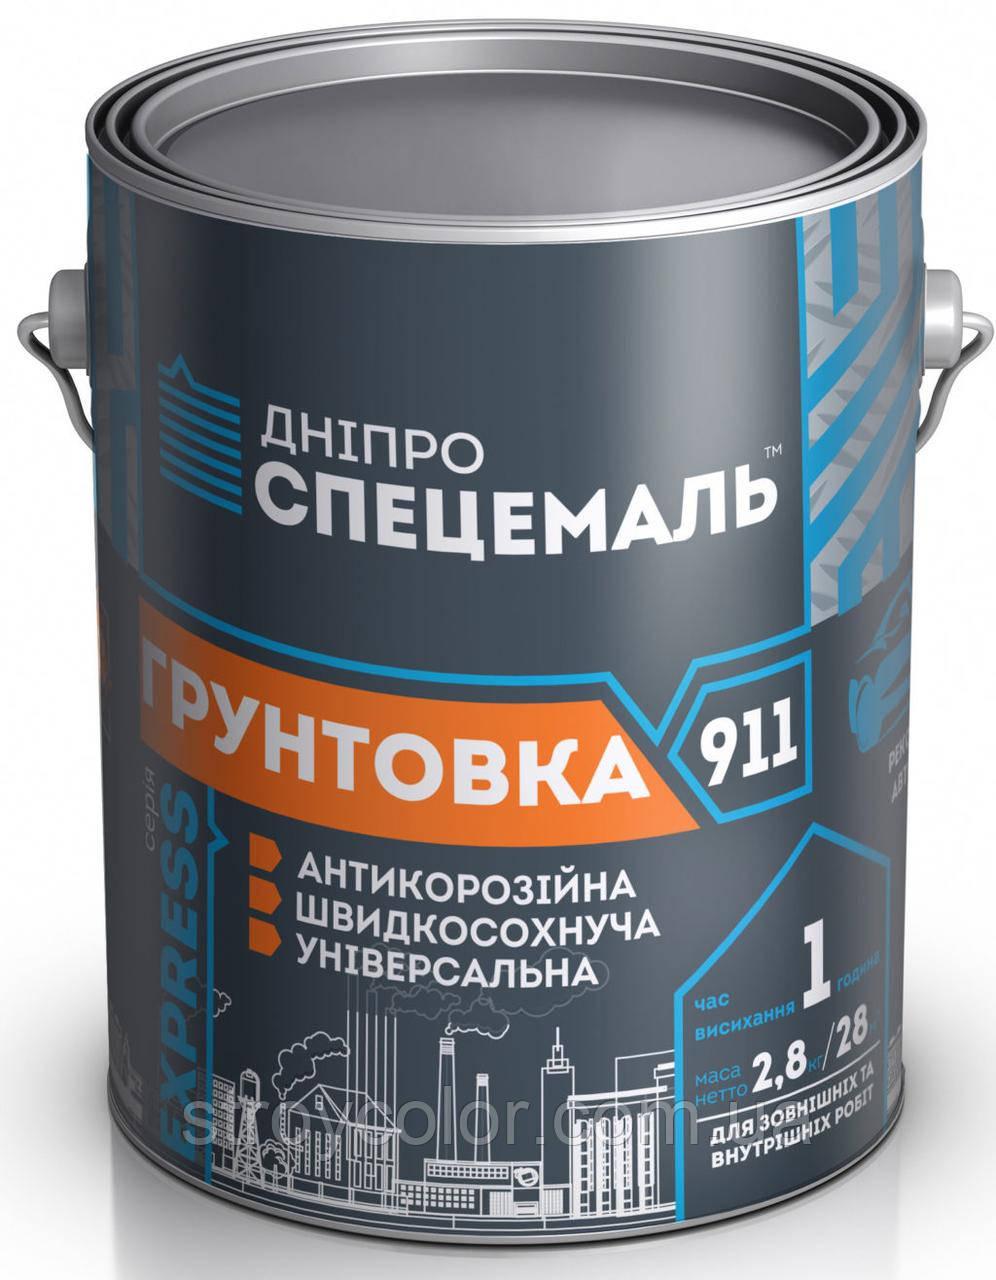 Грунт Серый антикоррозийный EXPRESS 911 Дніпроспецемаль 2,8кг (Алкидная грунтовка для авто)